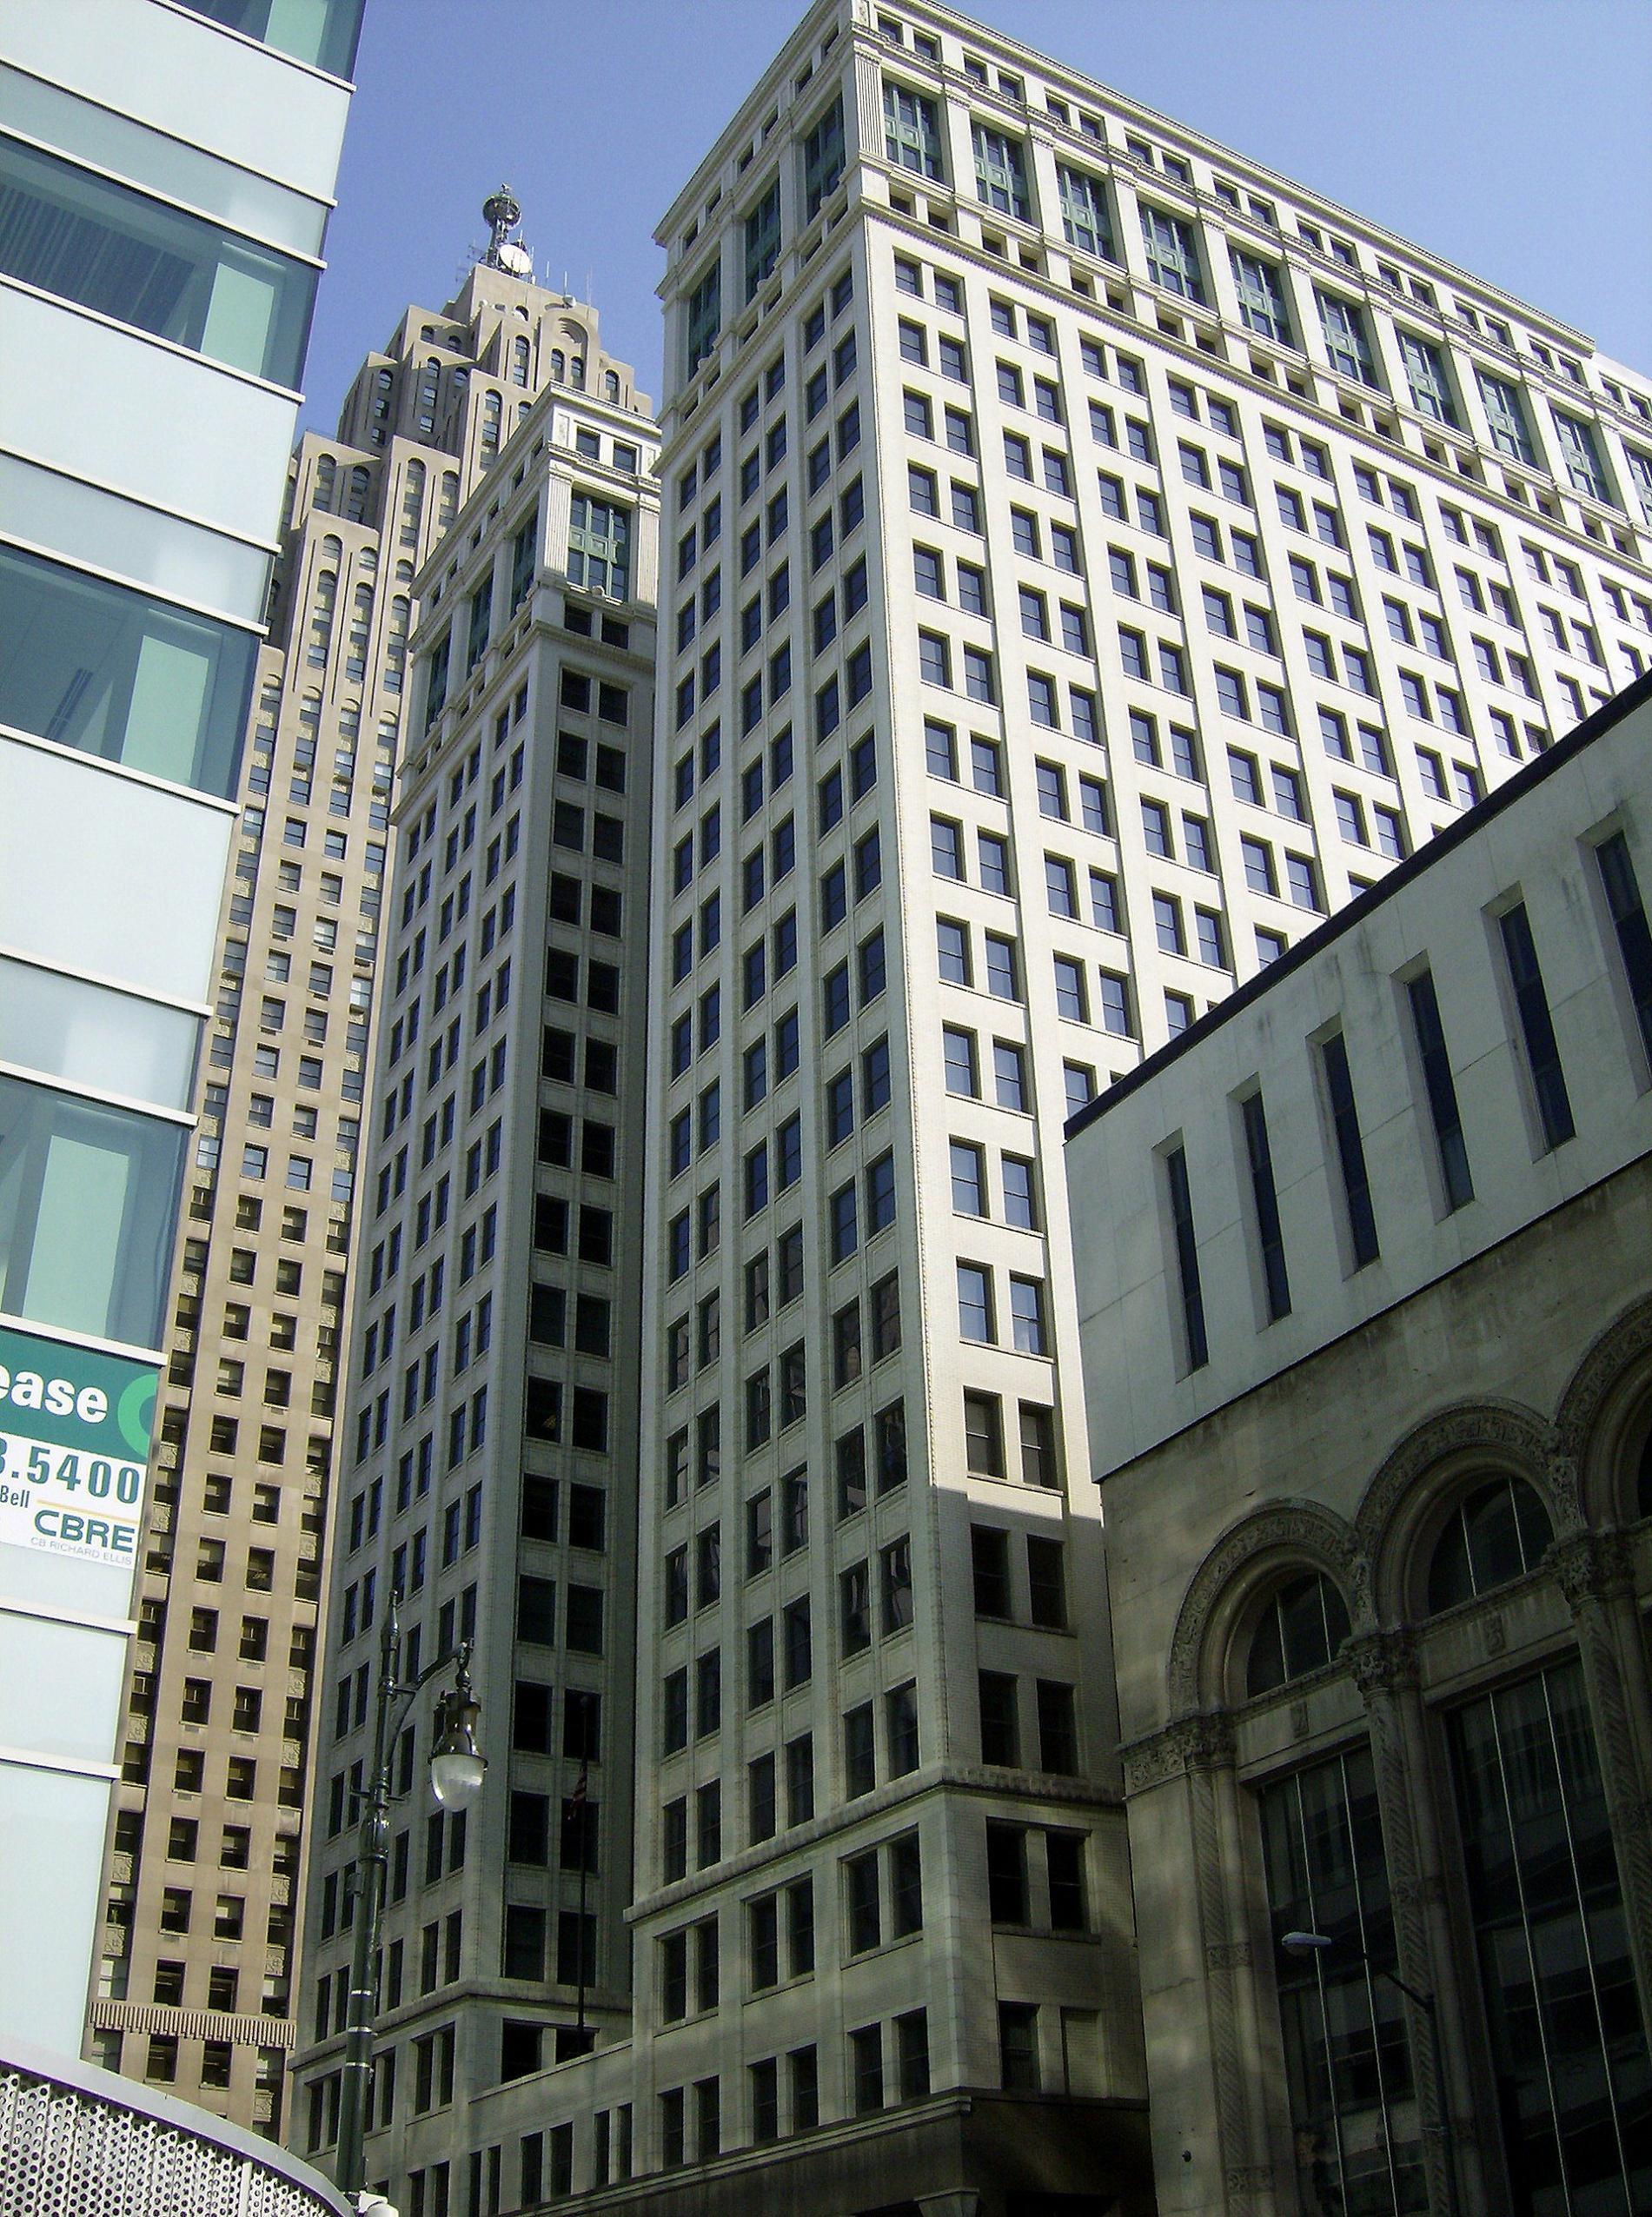 Chrysler House - Wikipedia